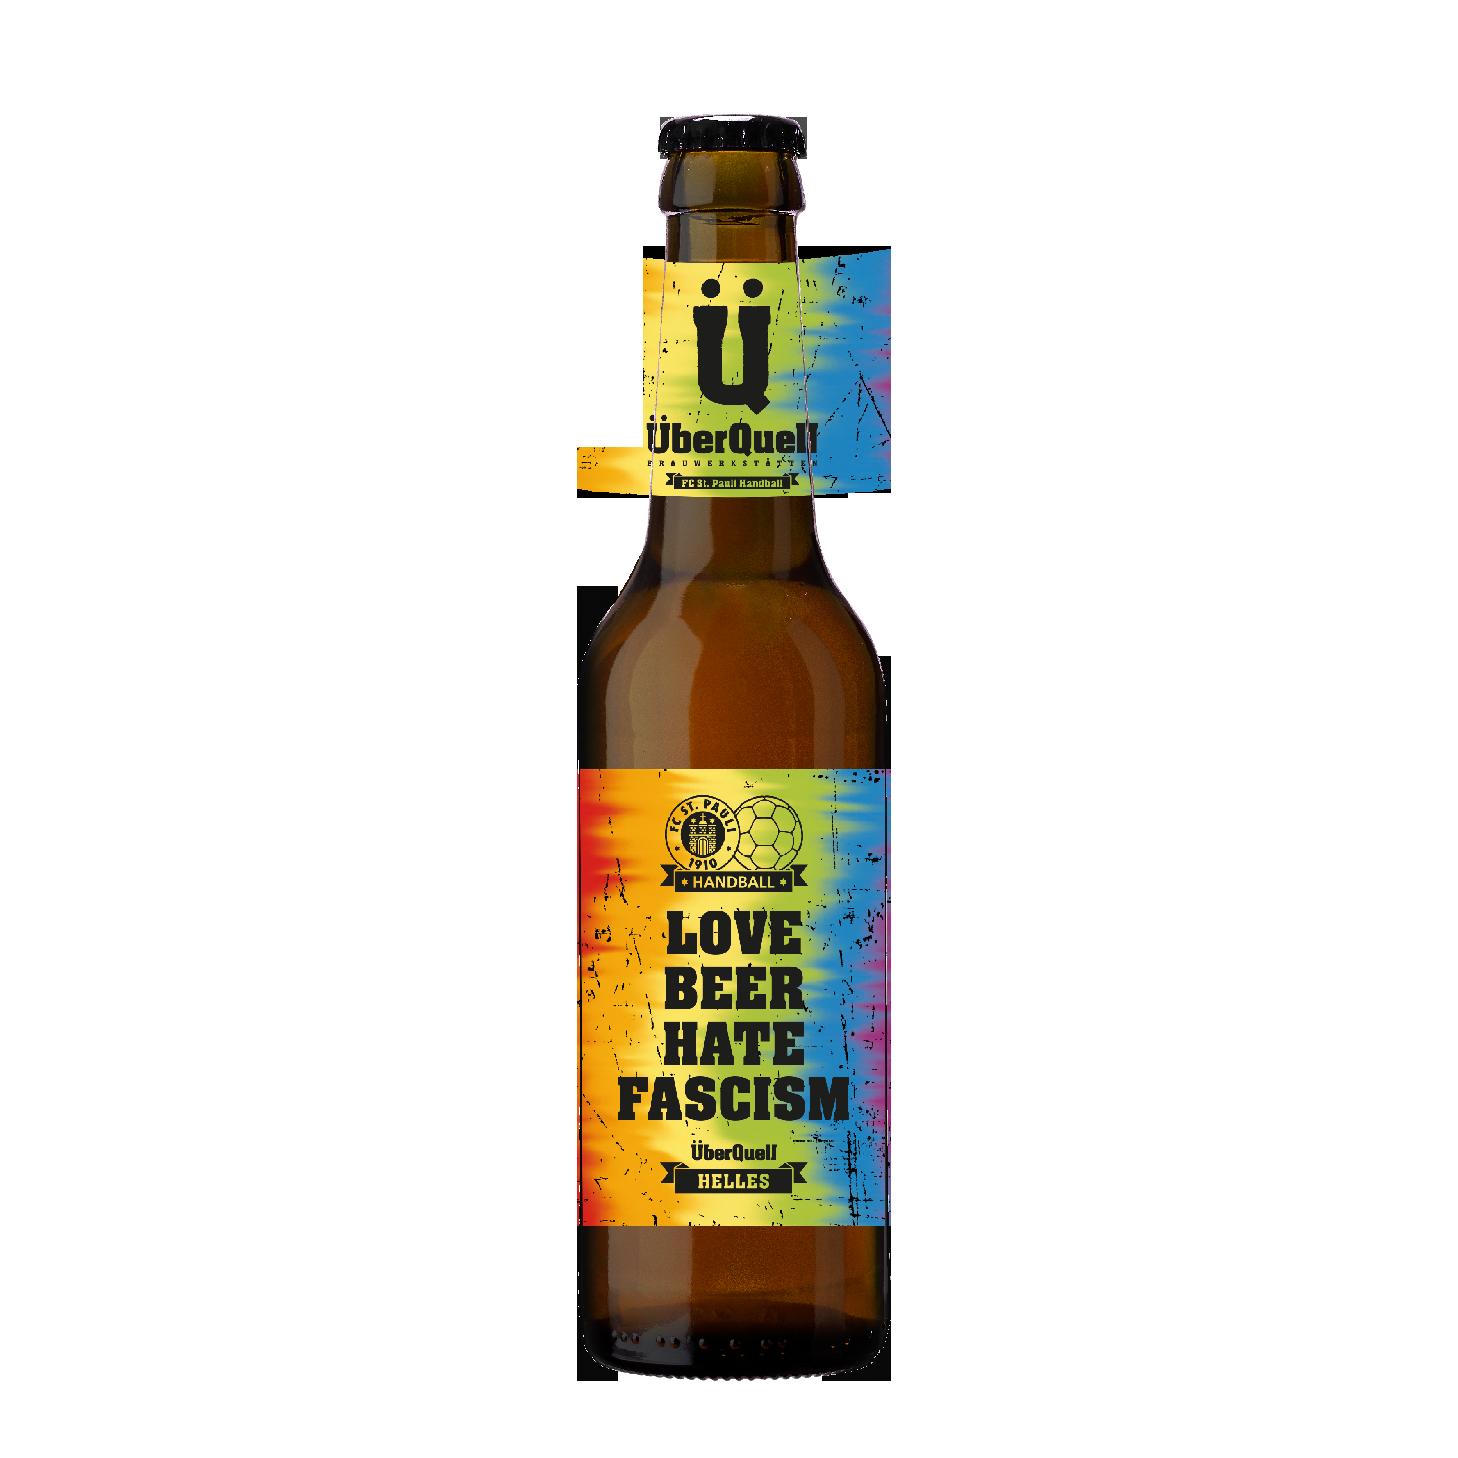 Love Beer Hate Fascism Helles